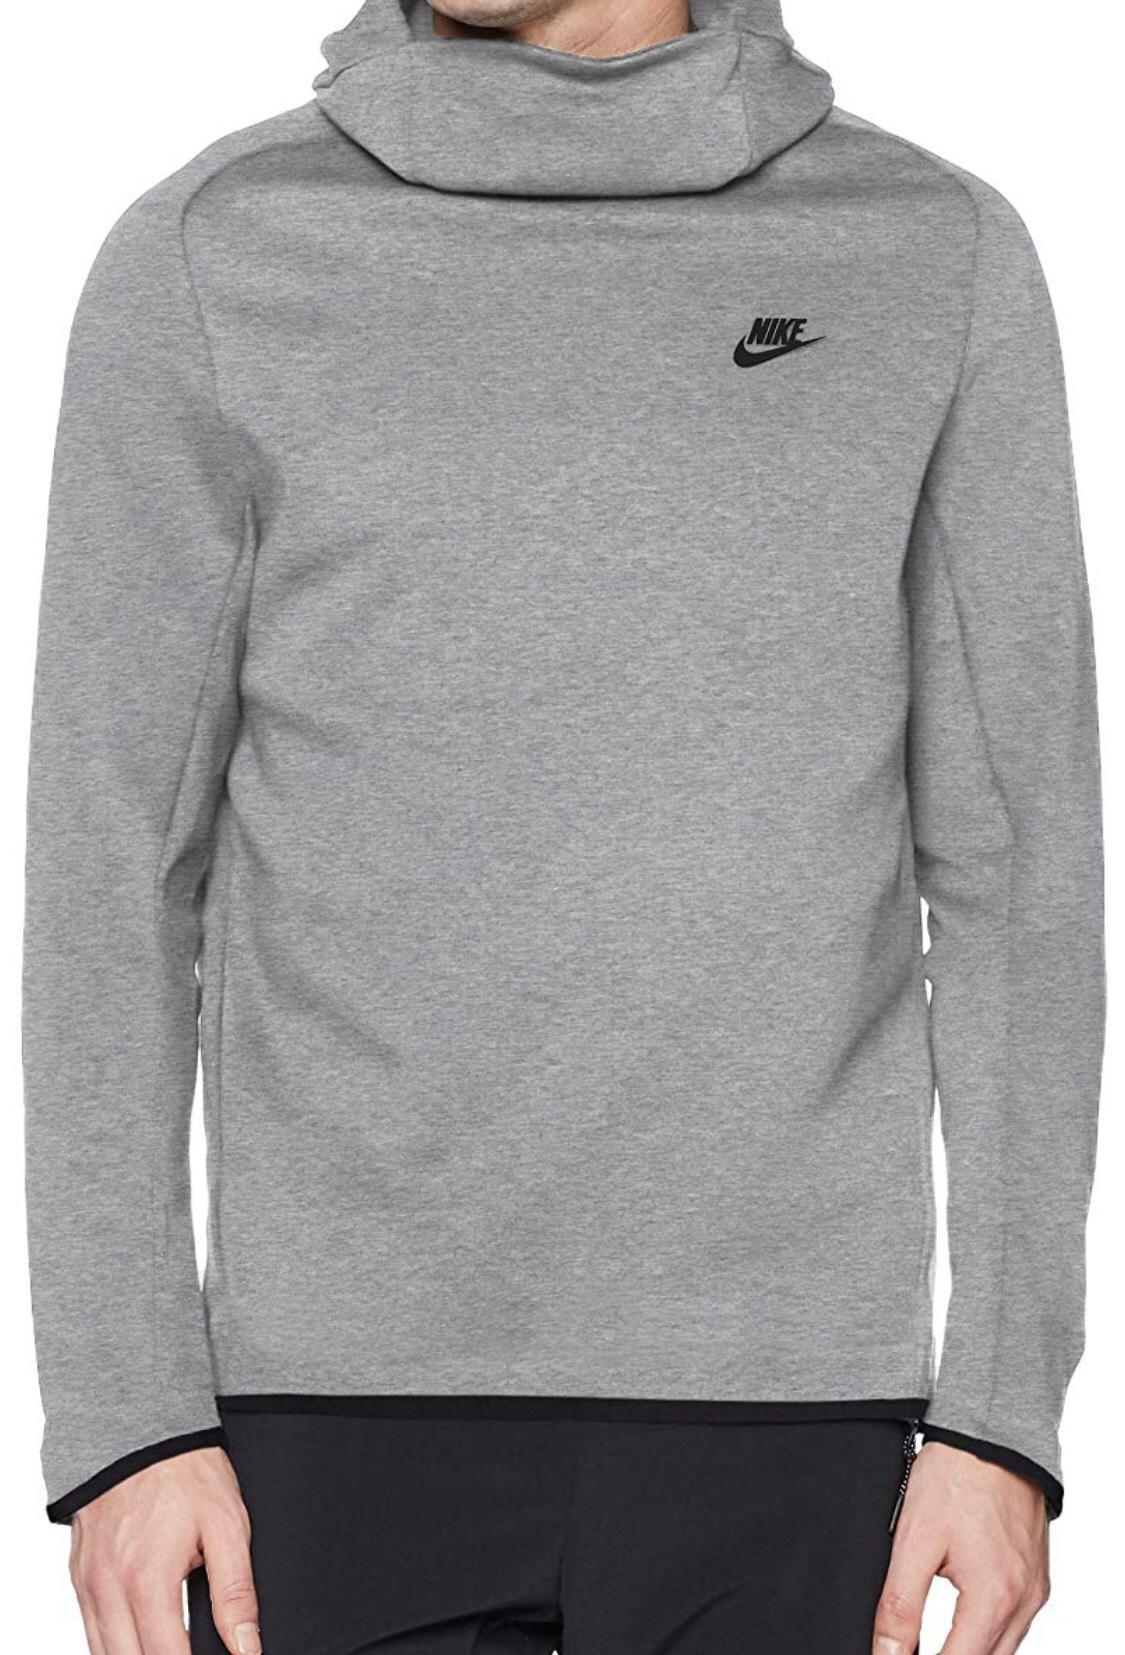 Nike Herren Sweatshirt